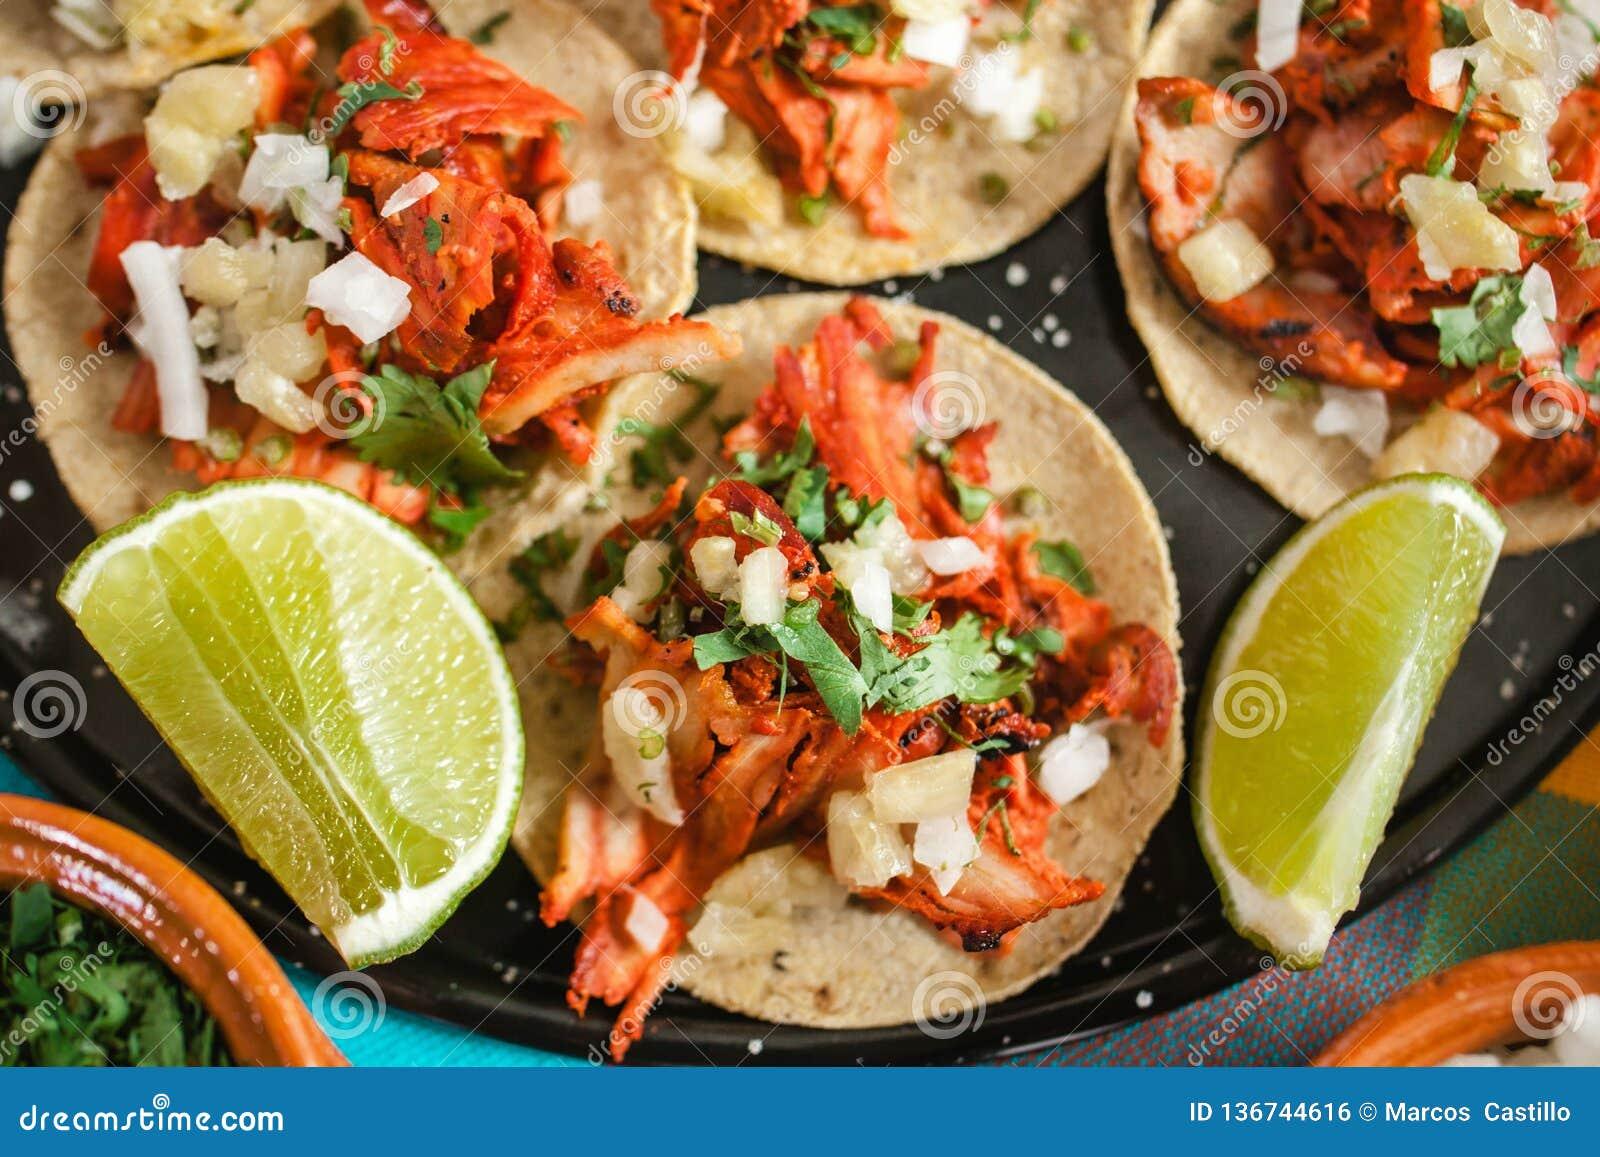 Tacos al pastor, meksykański taco, uliczny jedzenie w Mexico - miasto